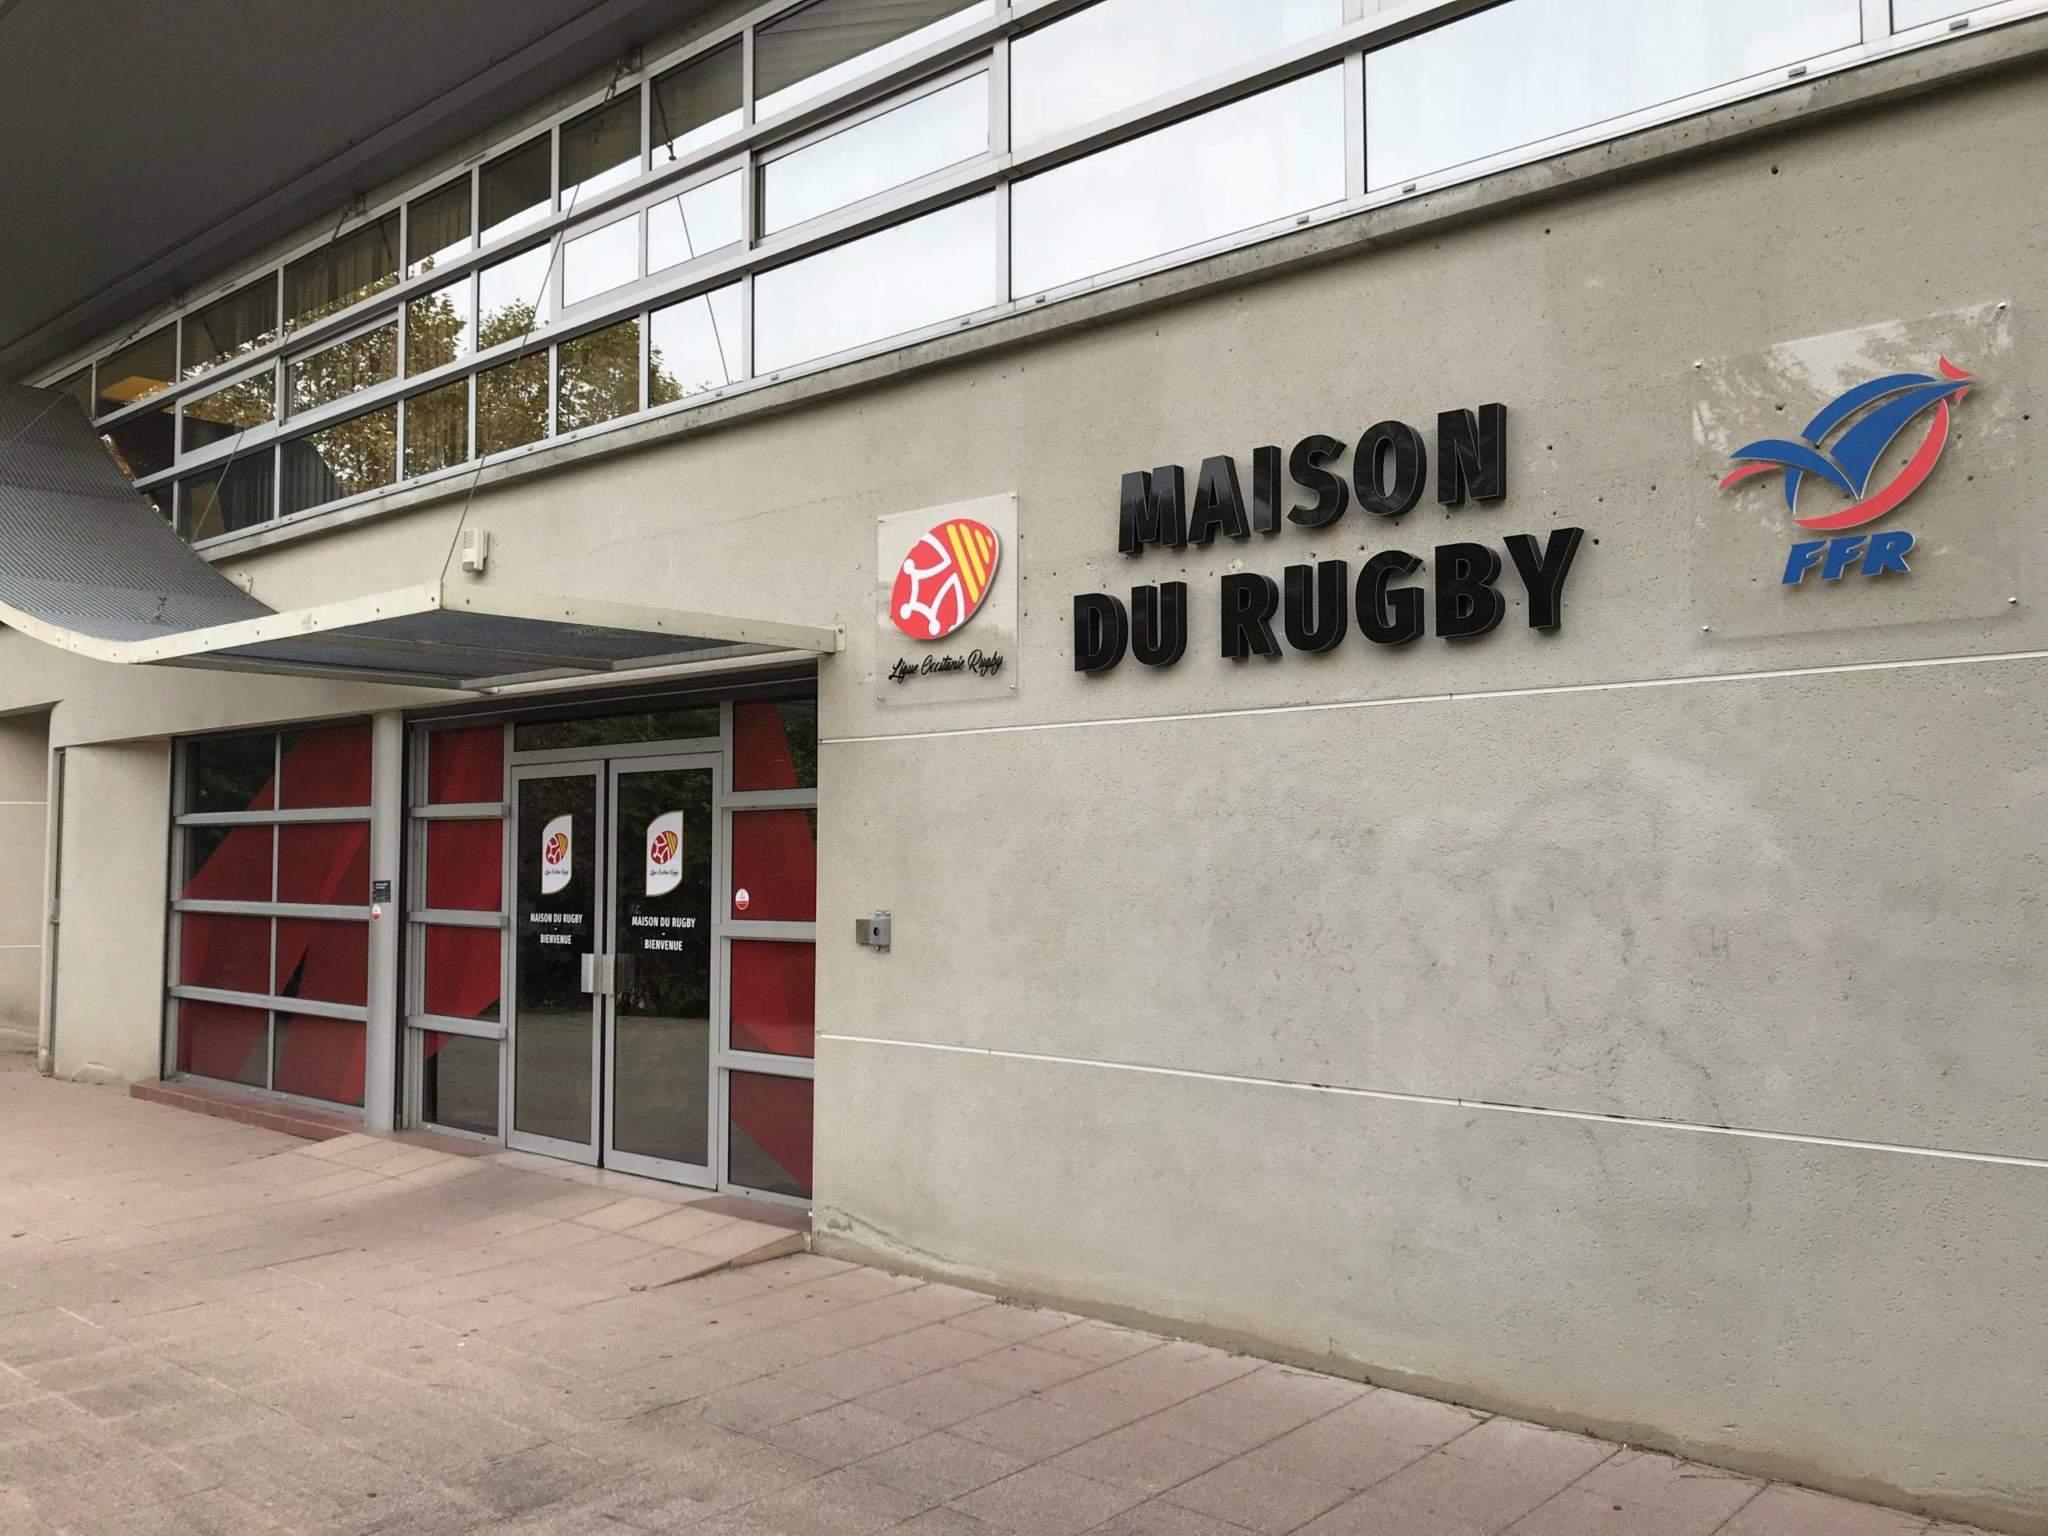 Maison du Rugby